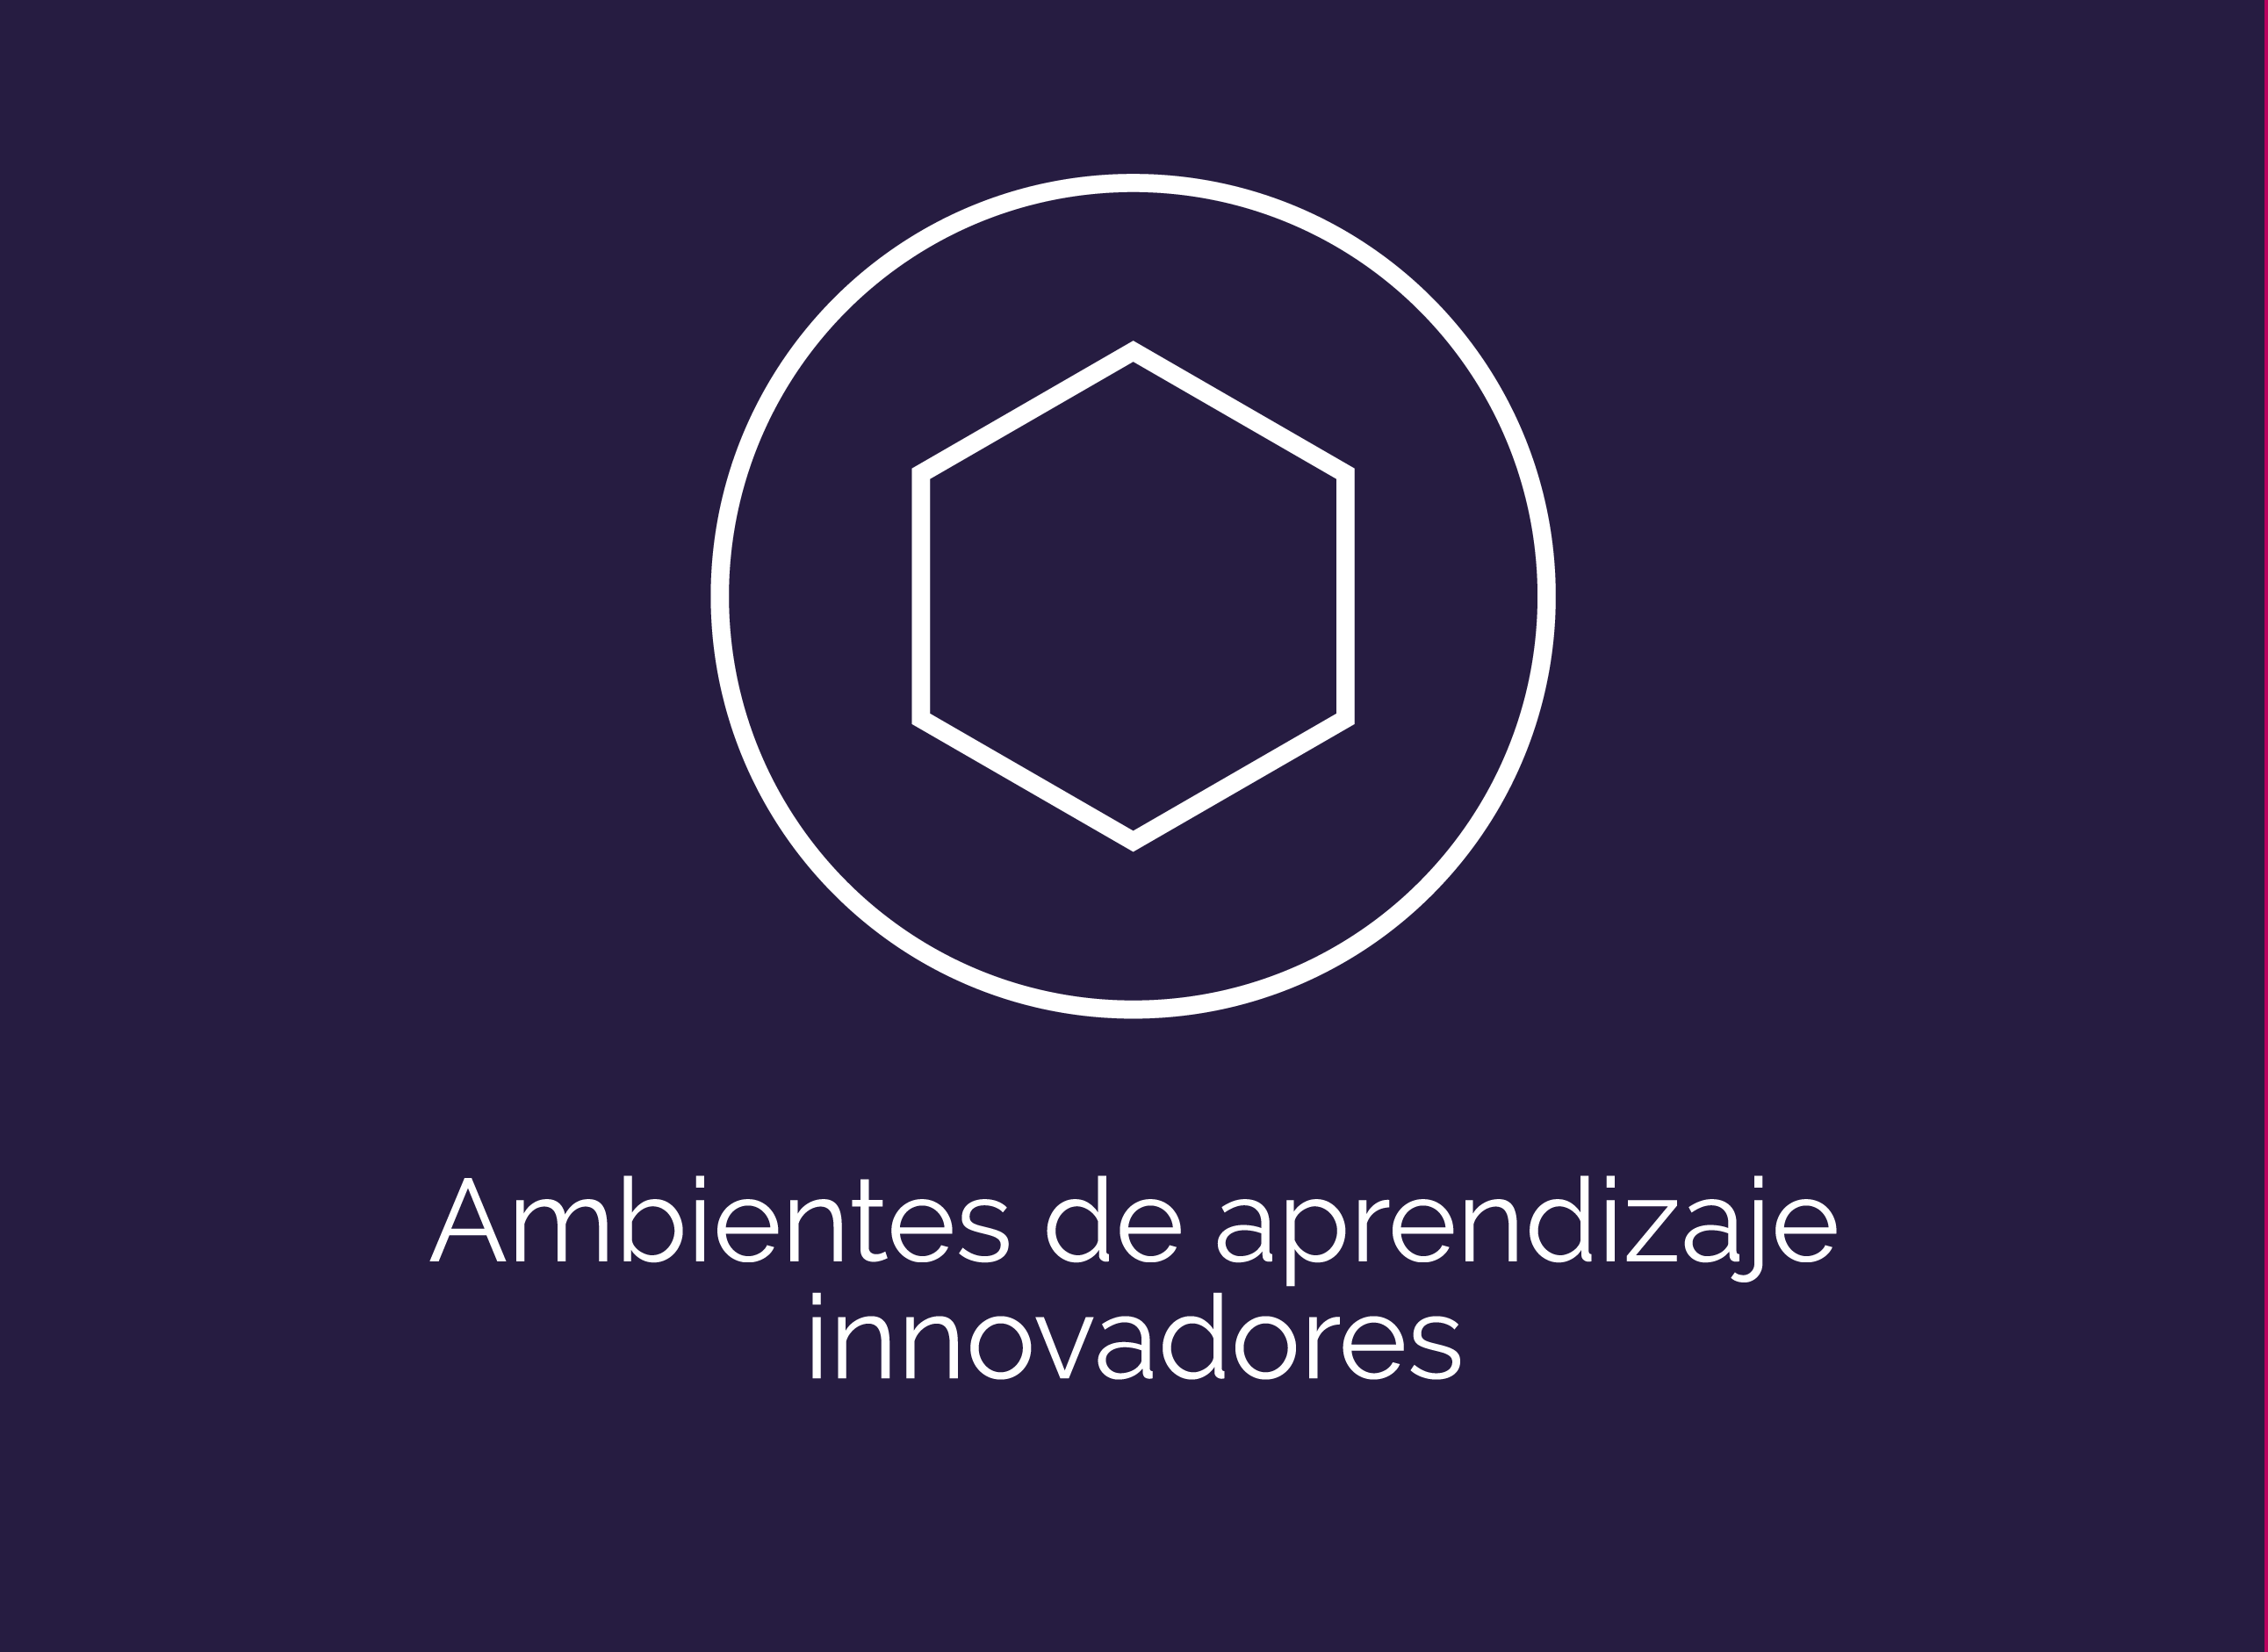 15a Edición - Innovación en Ambientes de Aprendizaje